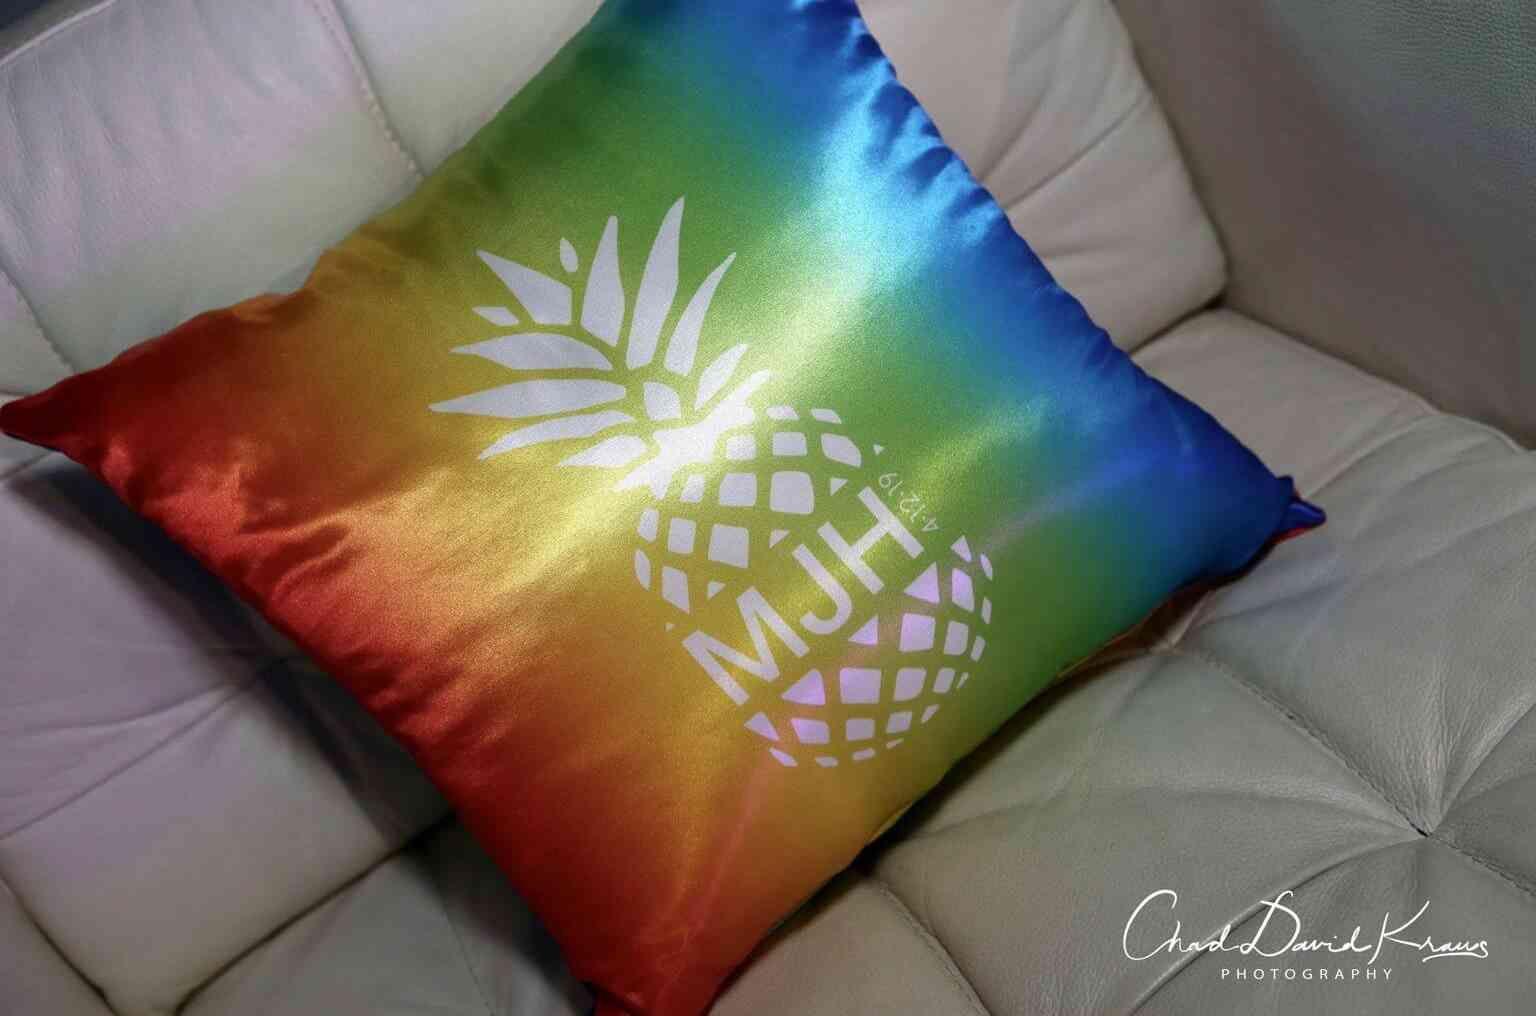 Custom Logo Pillows Party Event Decor Balloon Artistry En 2020 Decor D Evenement Gallery Logos